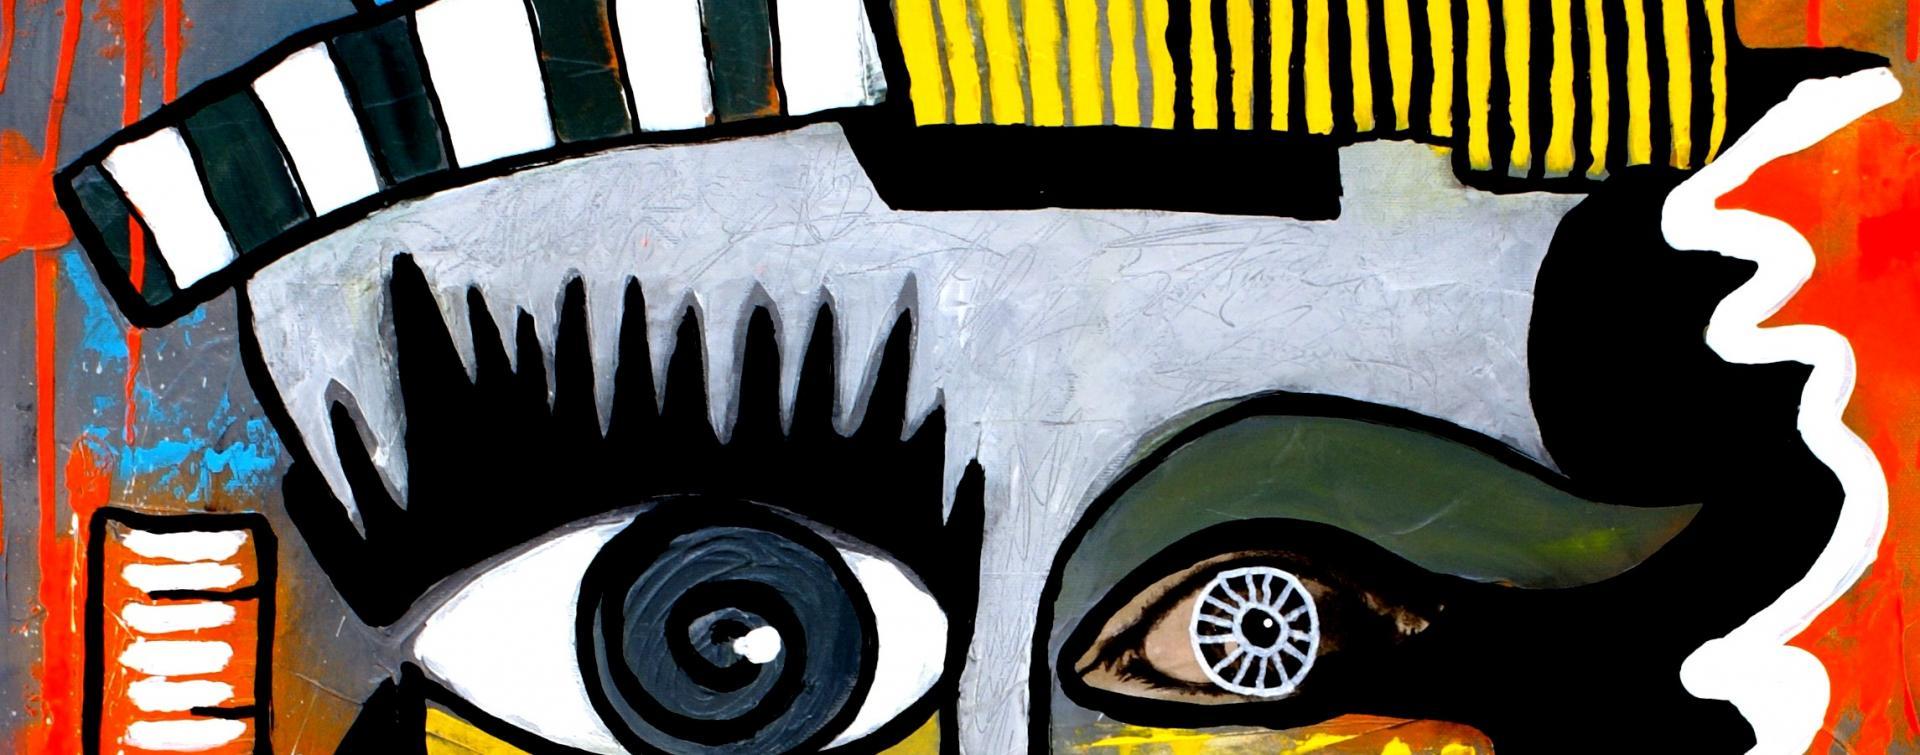 Site Des Artistes Peintres galerie des oeuvres de rogerm - peintures acryliques -